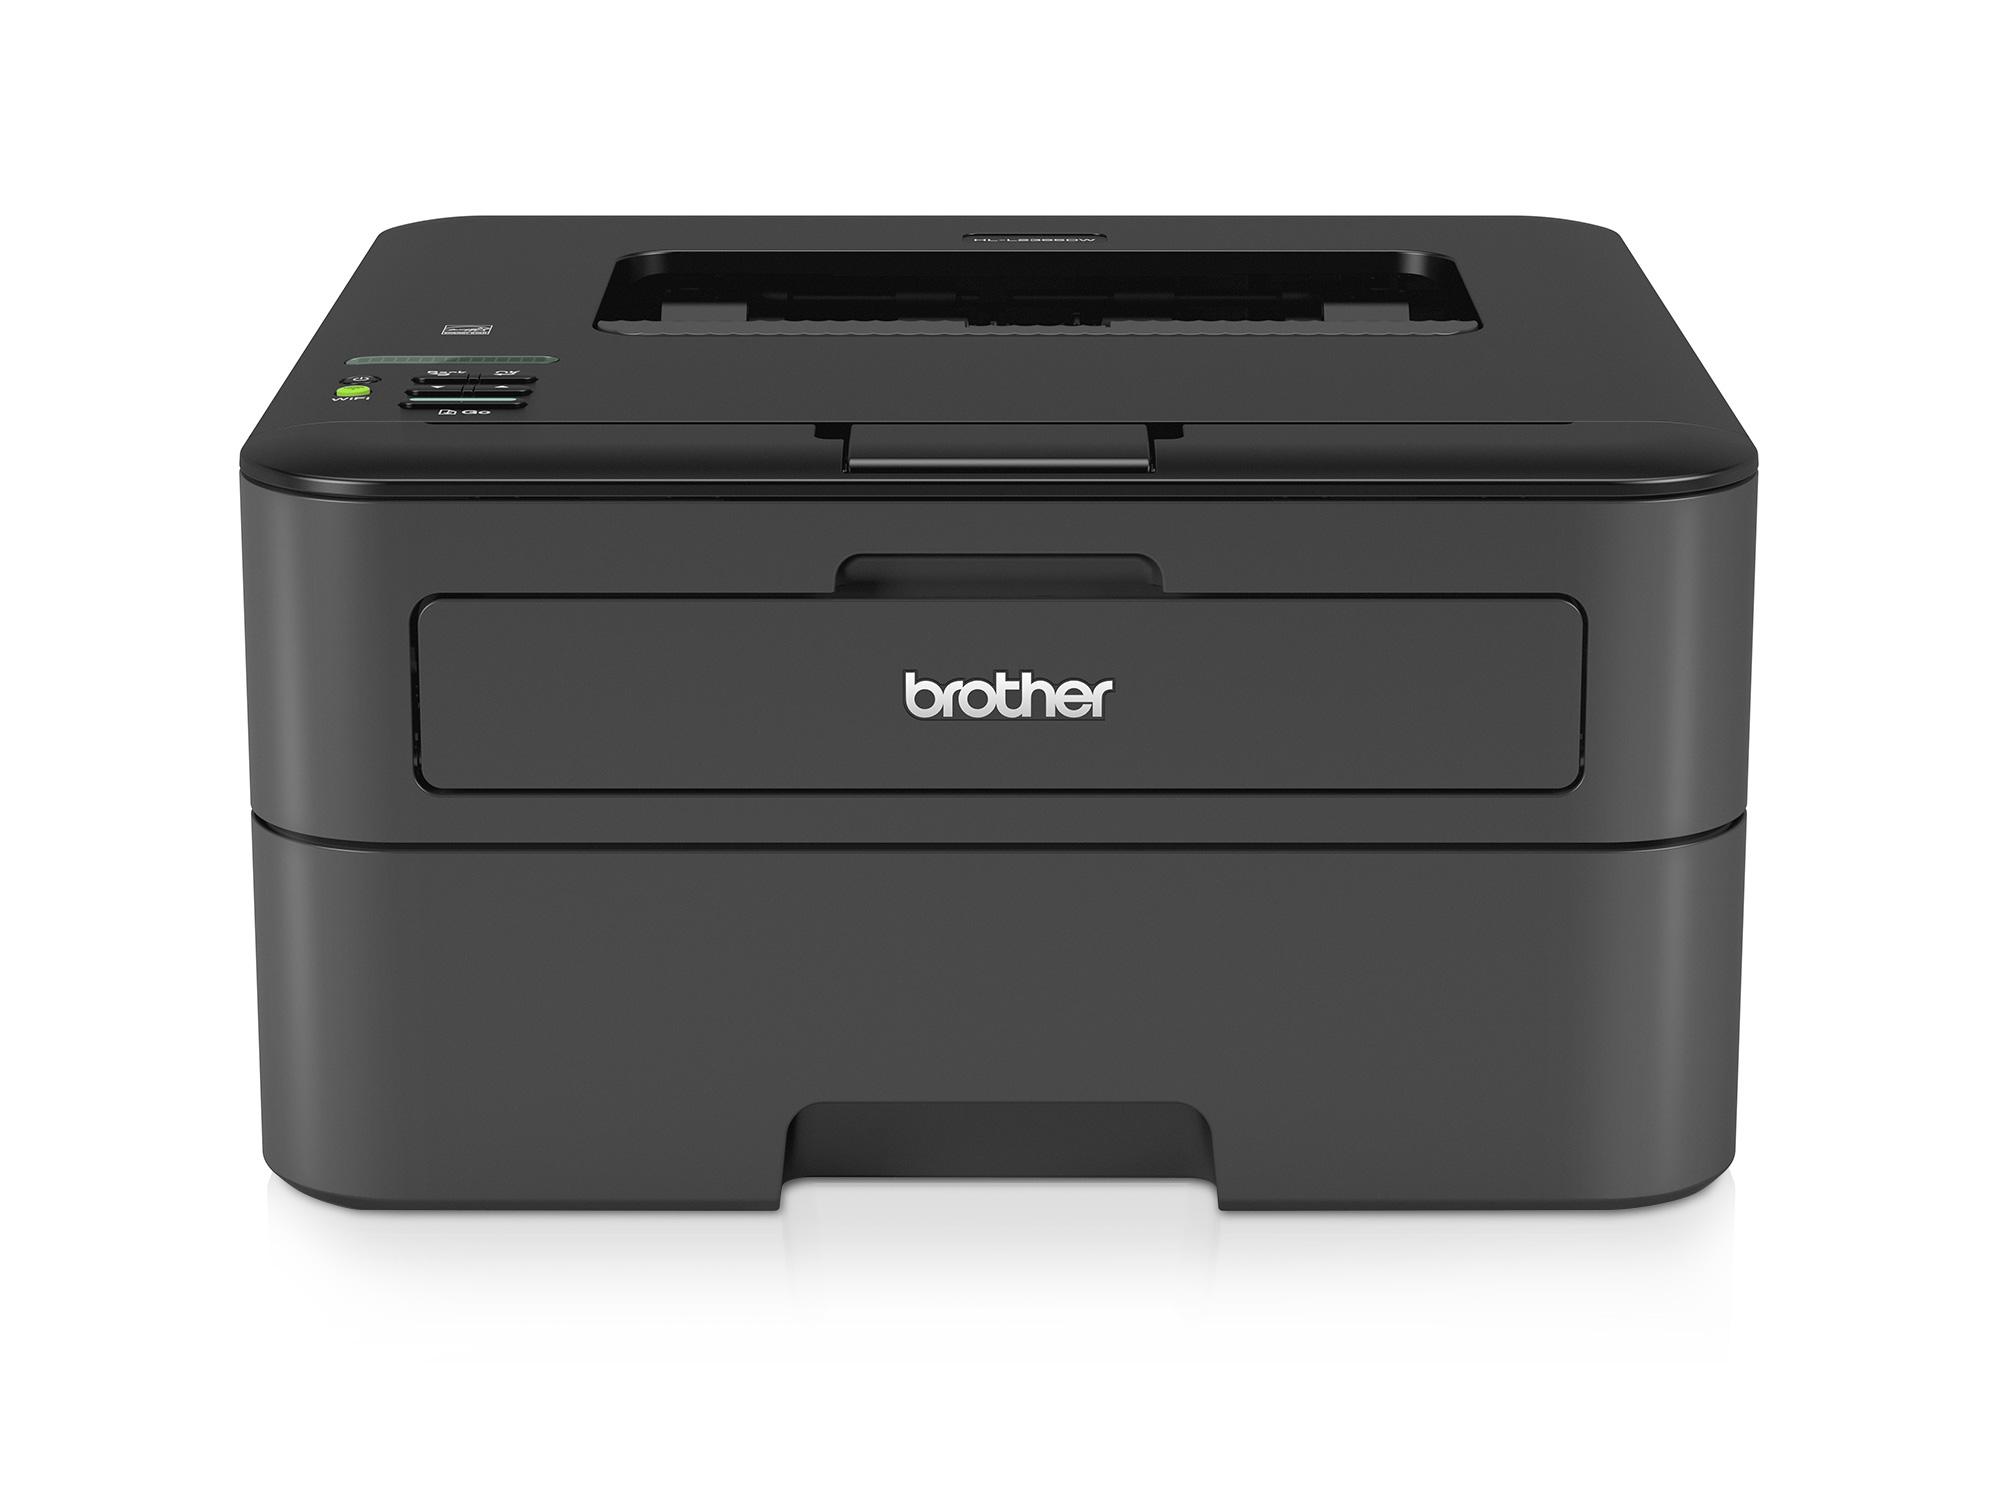 Fire Brother-printere vinder eftertragtede design-awards